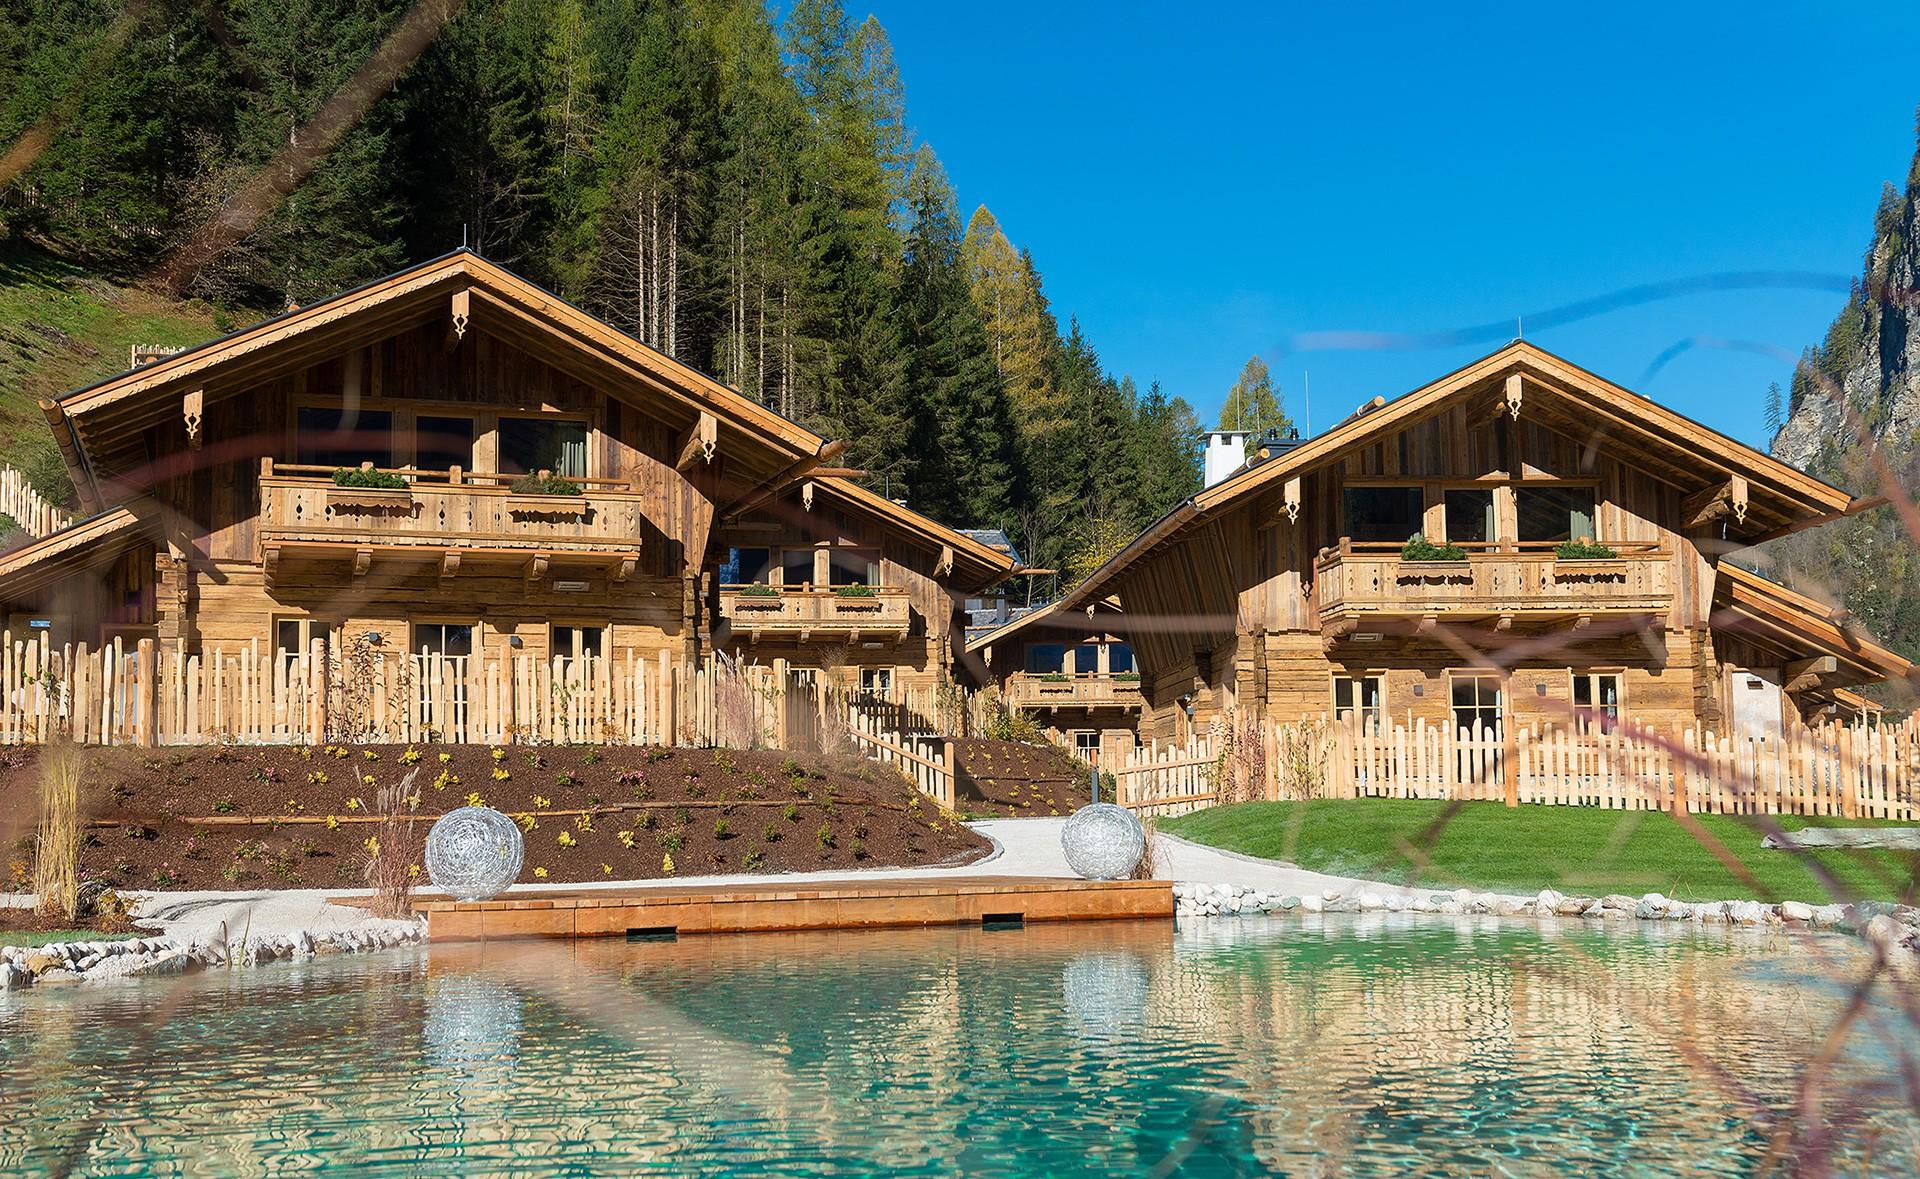 Unsere Luxus-Chalets sind ideal für einen Sommerurlaub mit der Familie in Österreich